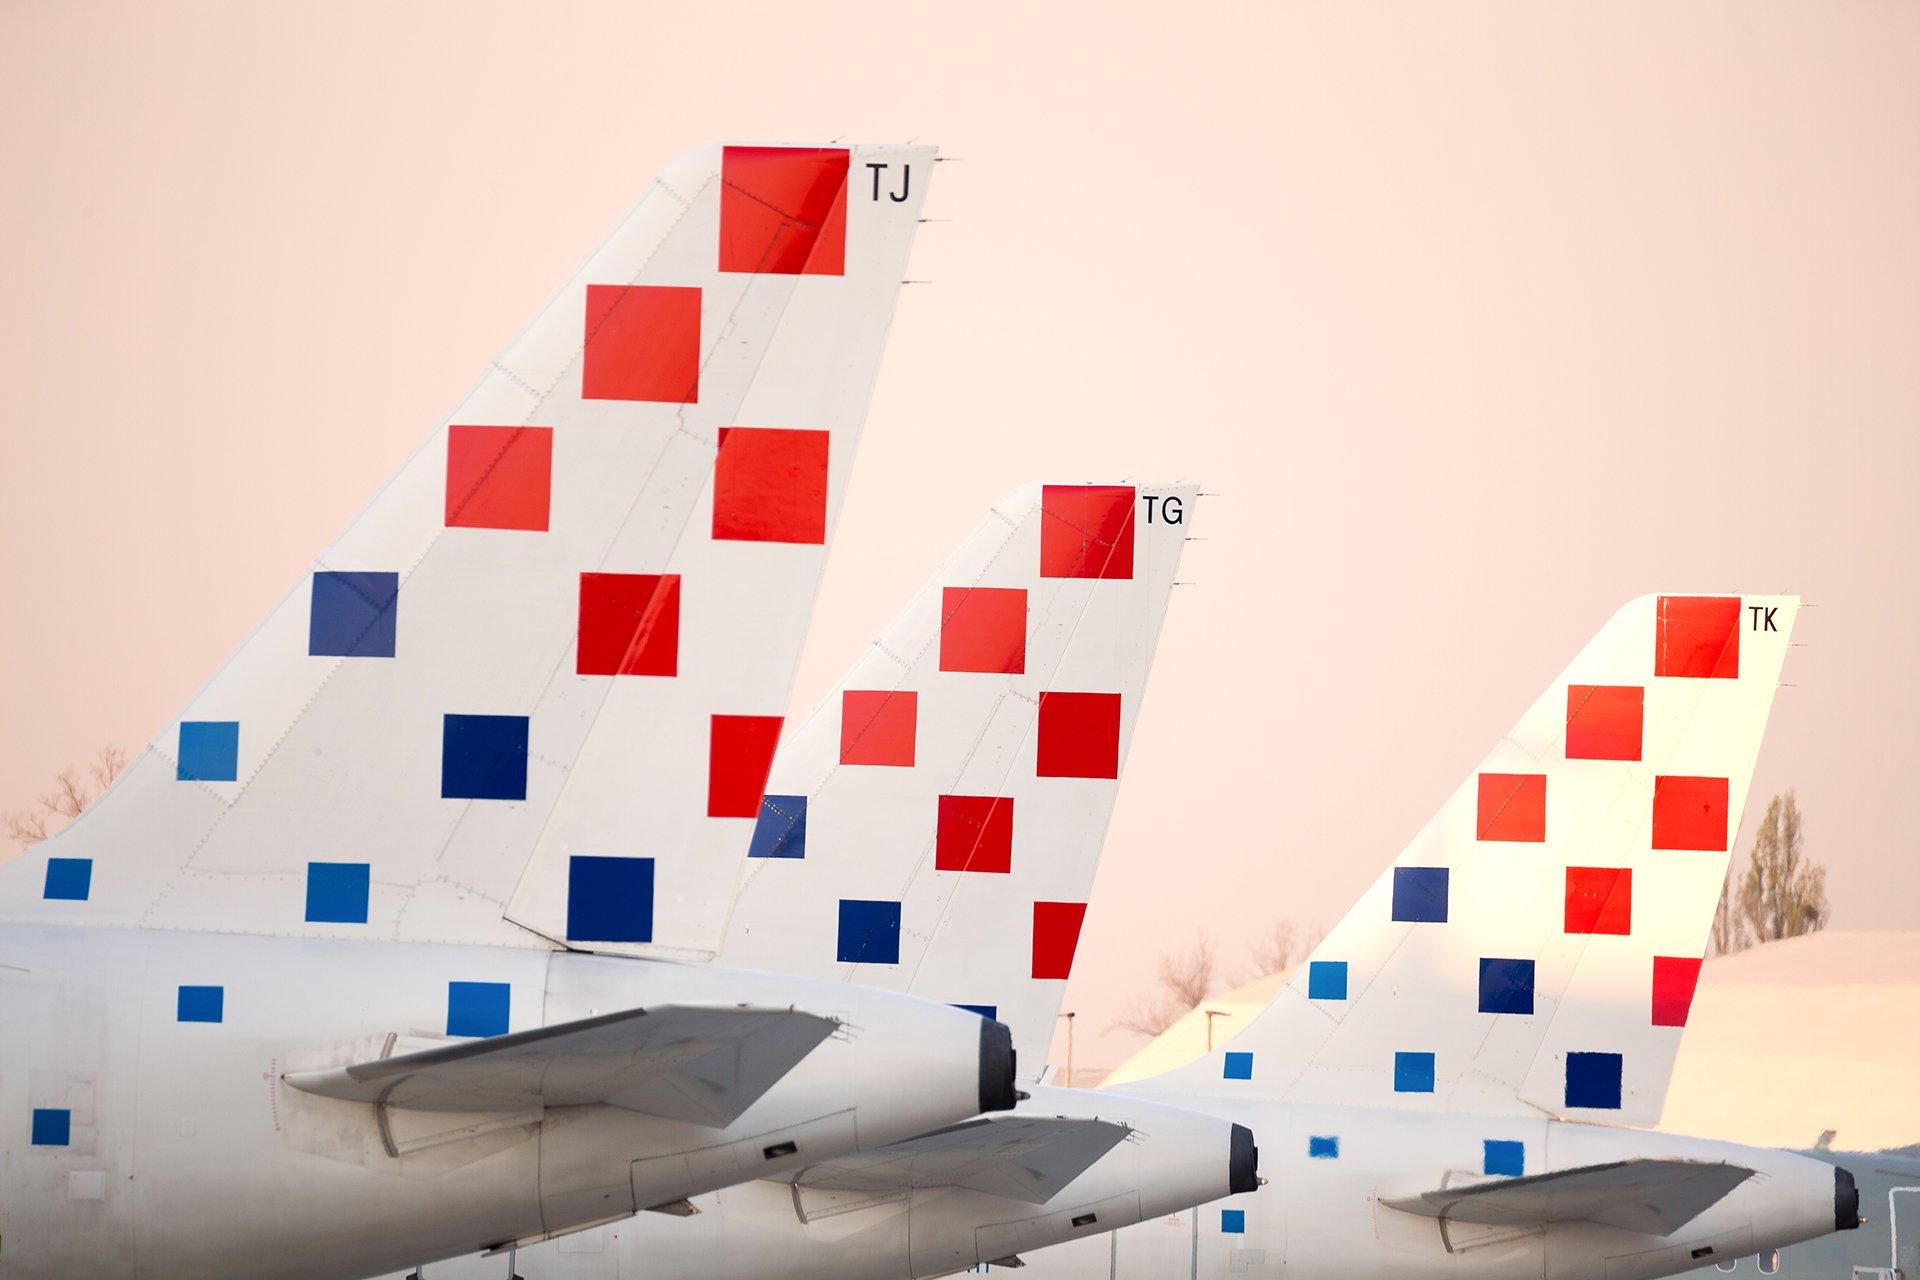 Croatia Airlines pokušava da stabilizuje finansijsku situaciju